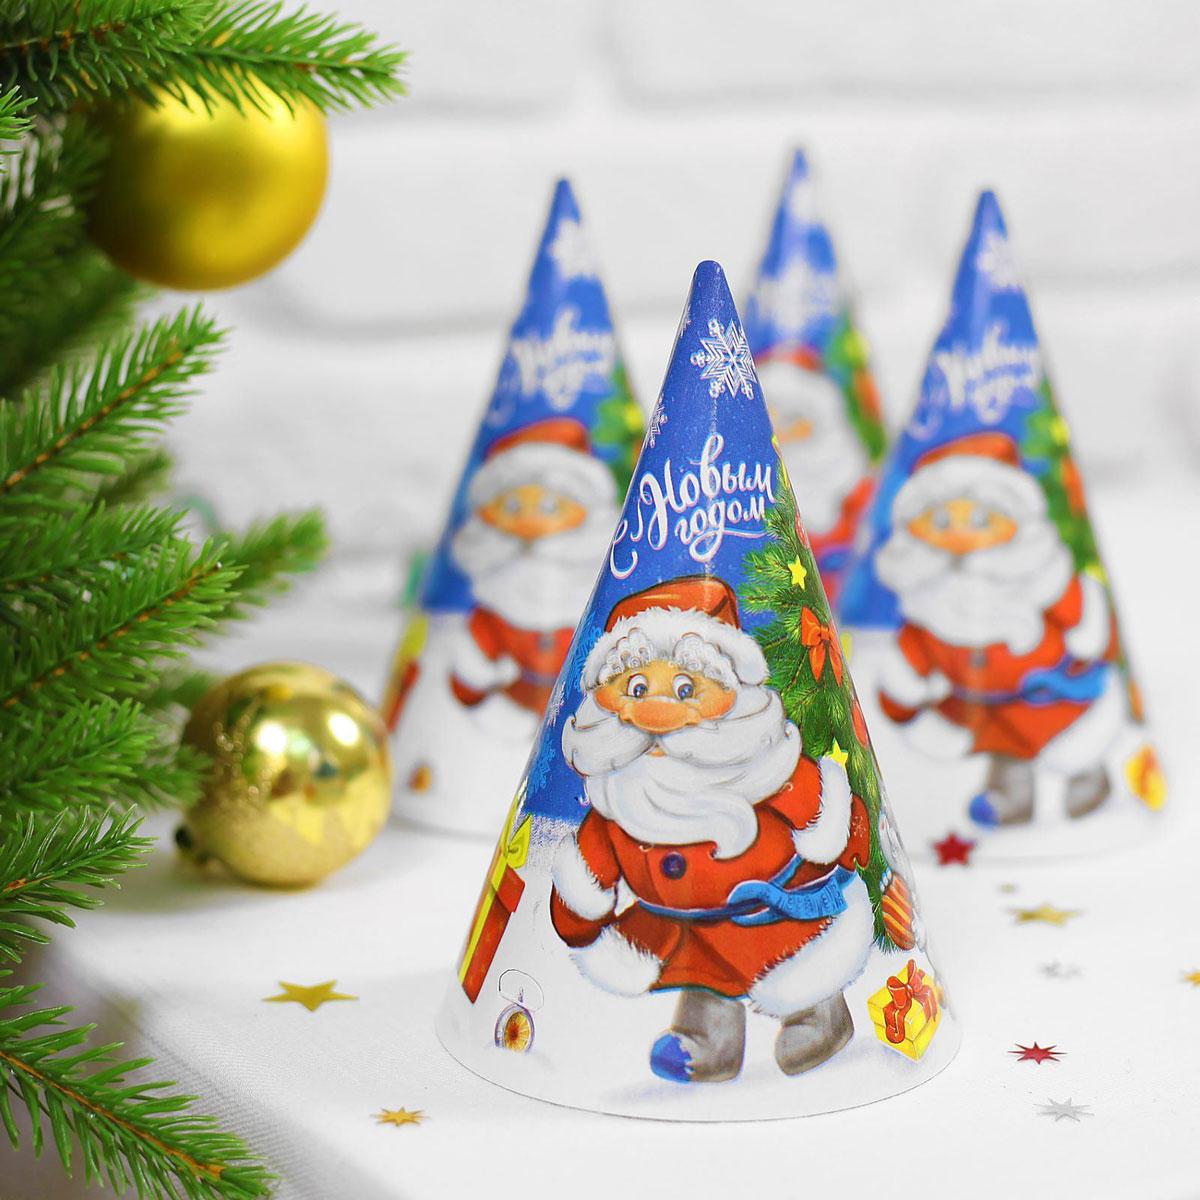 Колпак новогодний Страна Карнавалия Дед Мороз с зайчонком2476635Невозможно представить нашу жизнь без праздников! Мы всегда ждем их и предвкушаем, обдумываем, как проведем памятный день, тщательно выбираем подарки и аксессуары, ведь именно они создают и поддерживают торжественный настрой. Это отличный выбор, который привнесет атмосферу праздника в ваш дом!